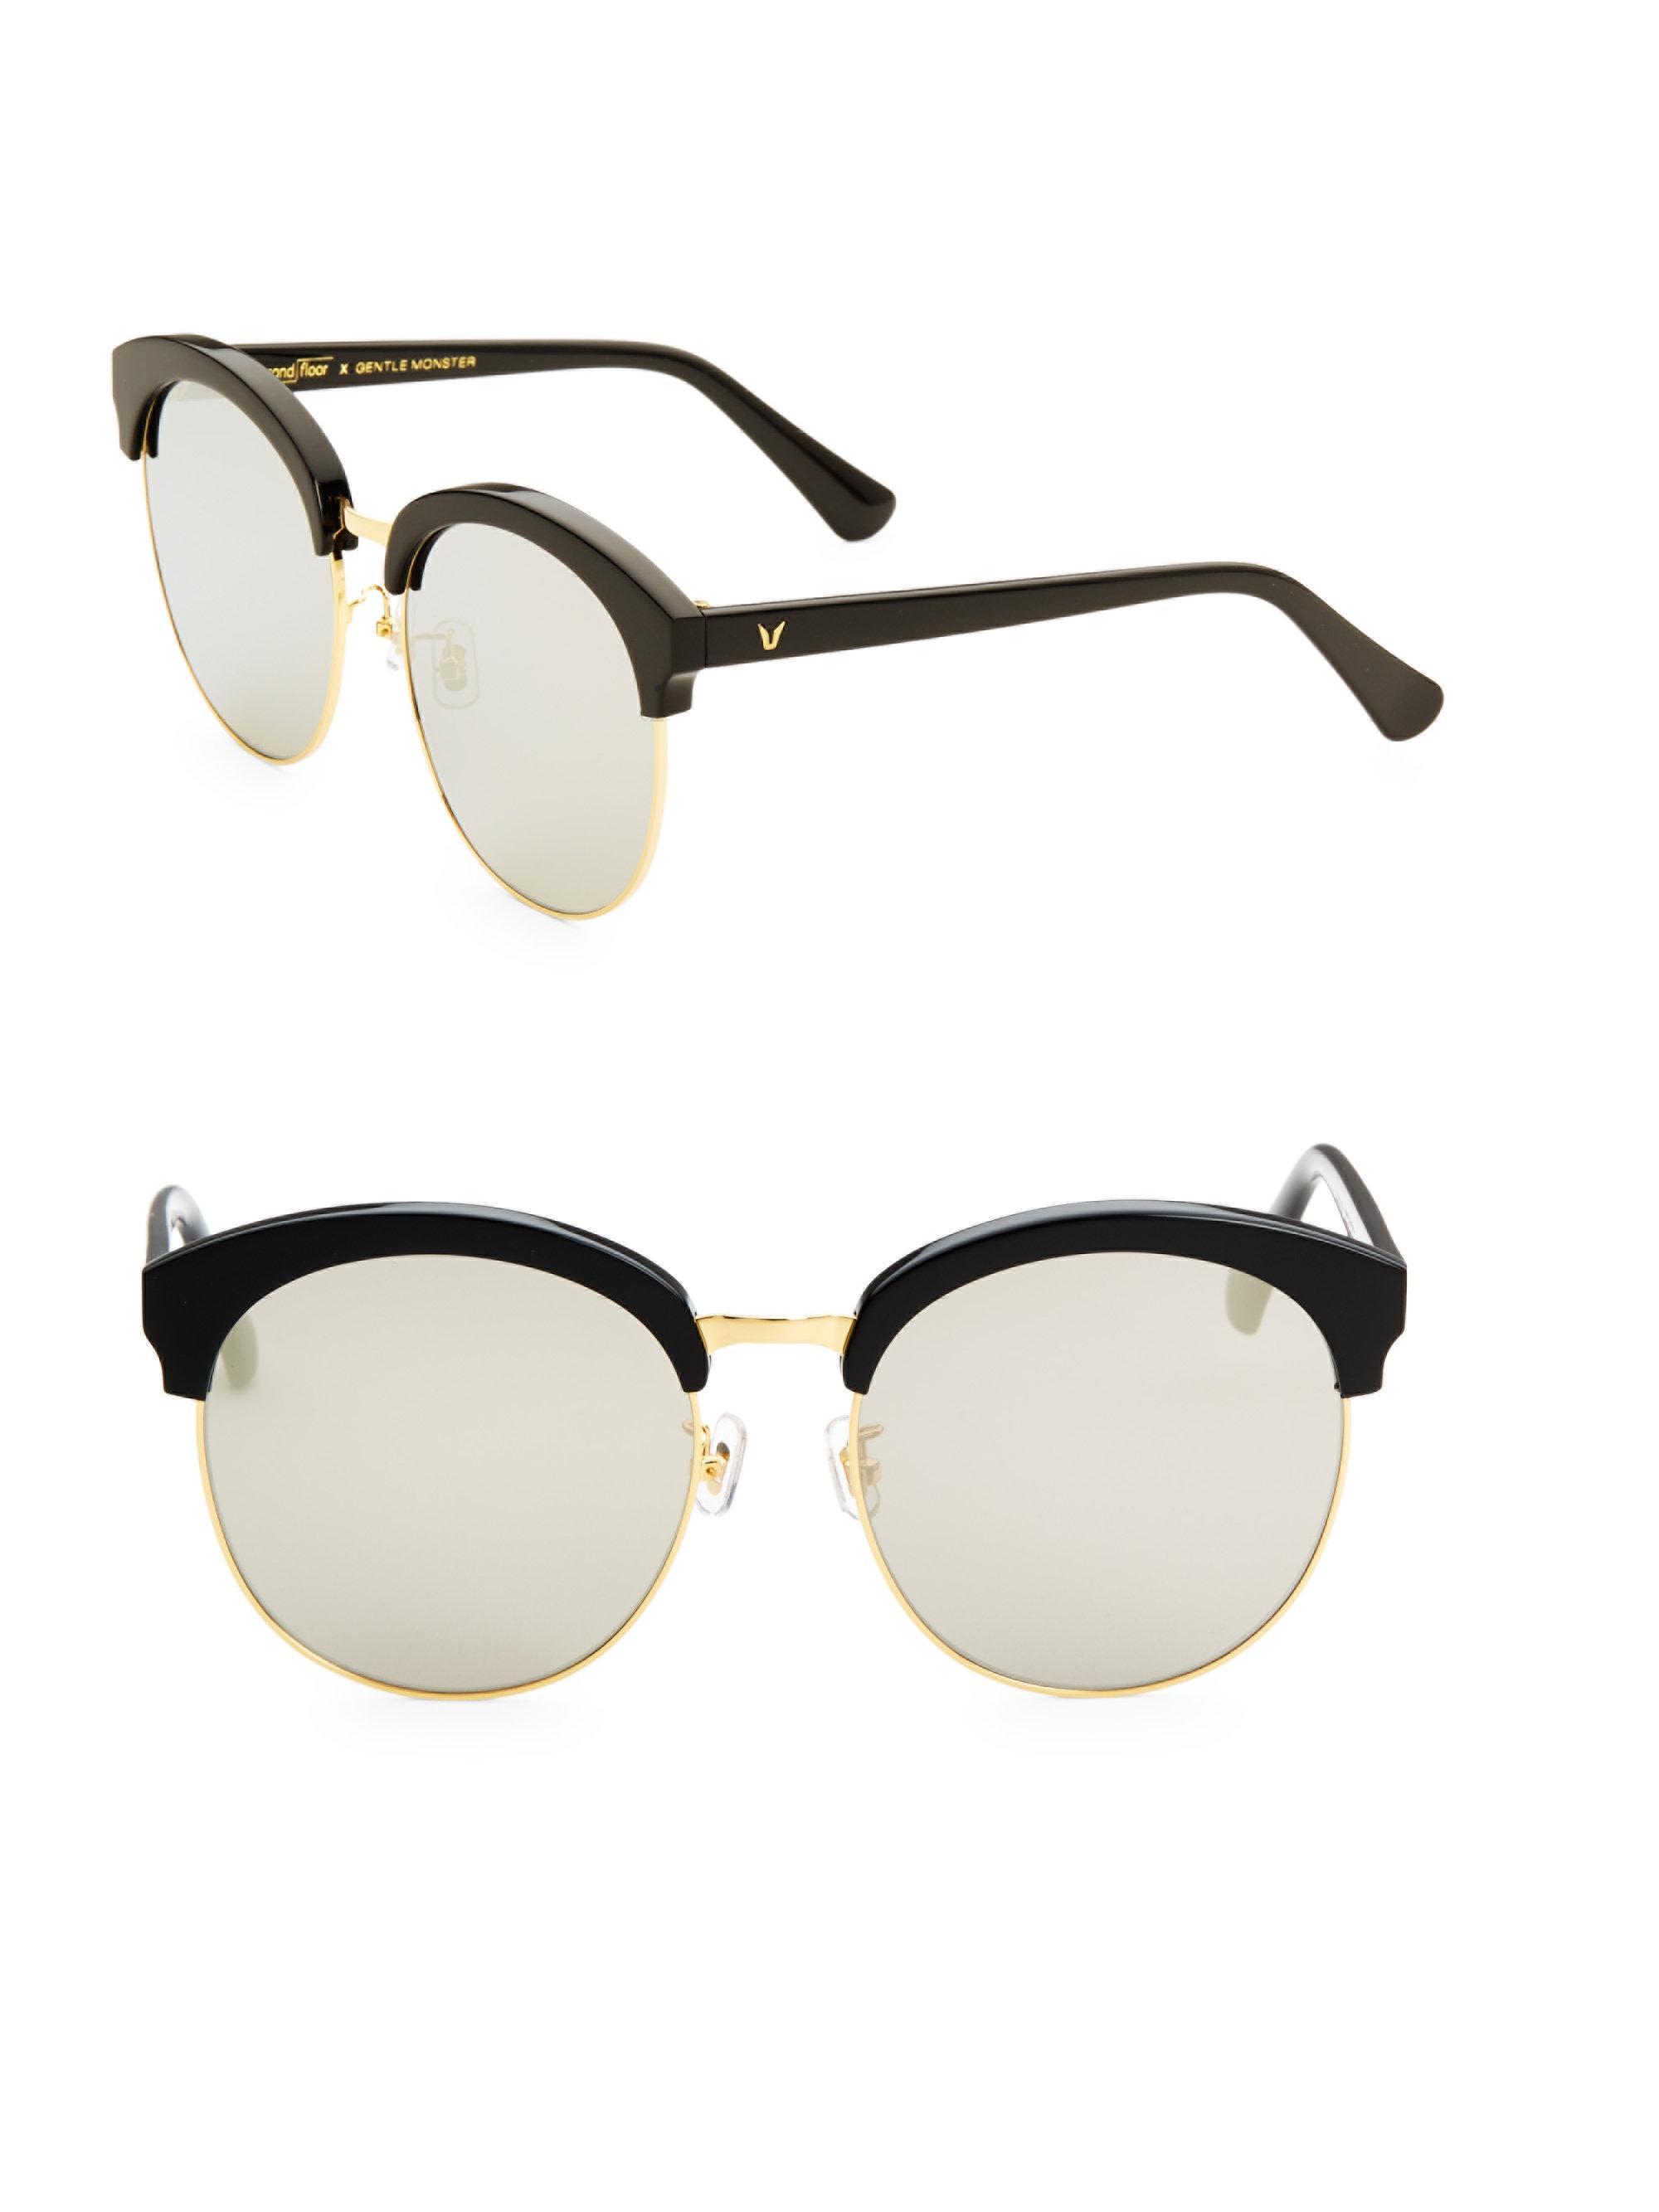 b9779ec52cf Lyst - Gentle Monster Women s 60mm Deborah Sunglasses - Light Grey ...